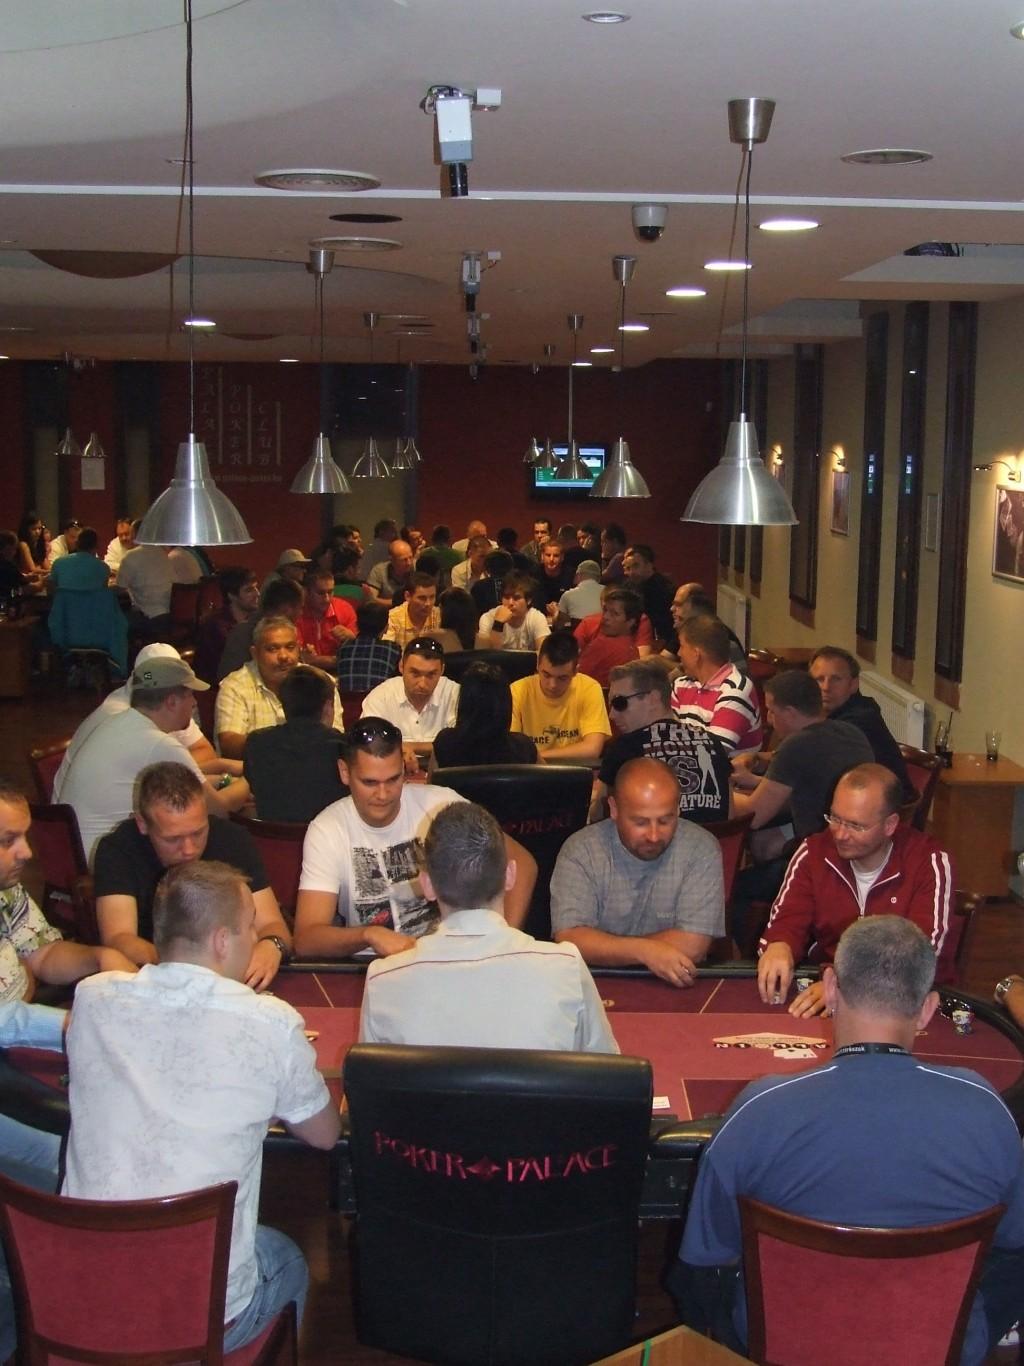 Texas holdem poker szolnok